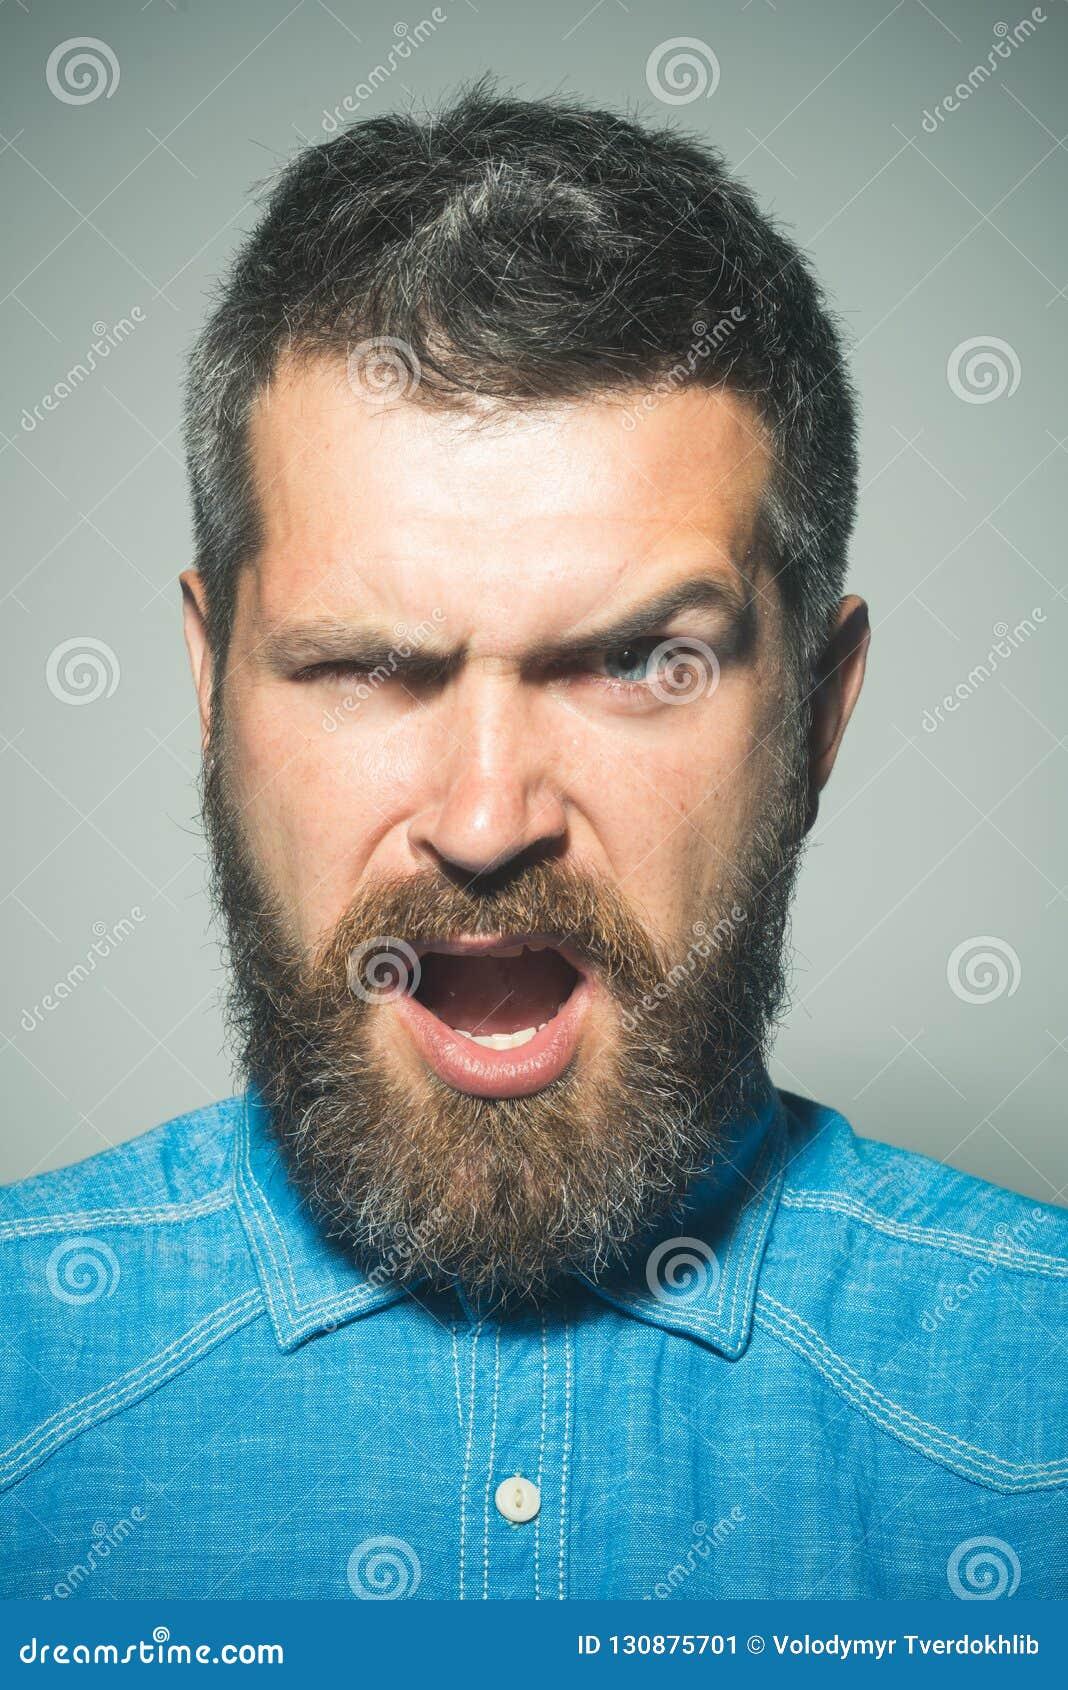 К бороде или не бороде Сердитый человек с бородой и усиком бородатый человек Человек моды Тенденция моды бороды barbra